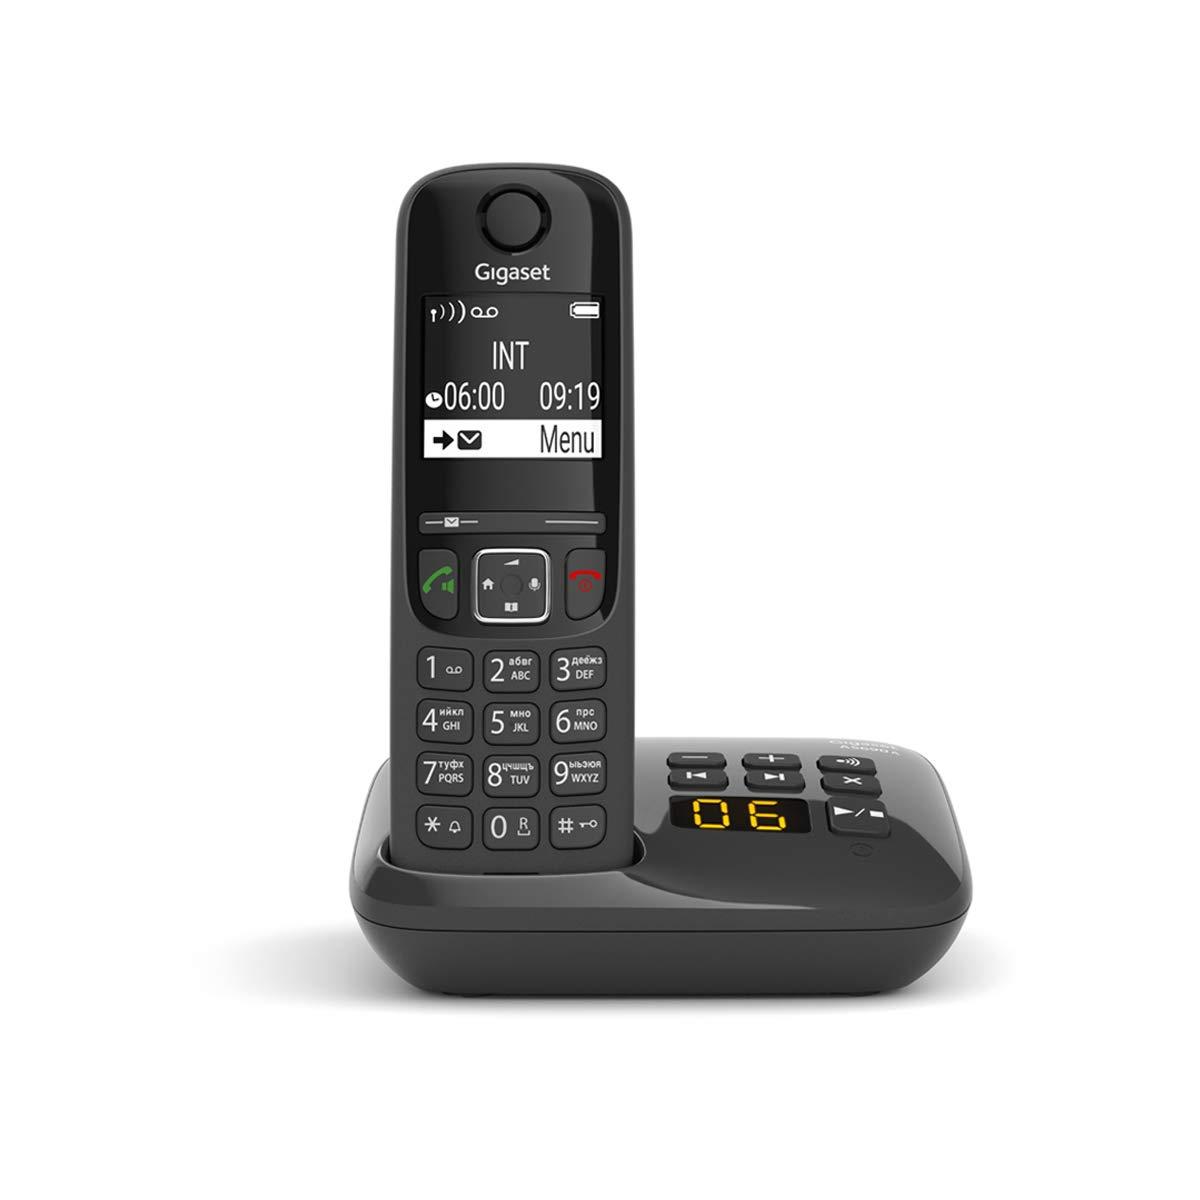 Festnetztelefon Schnurlostelefon ohne Anrufbeantworter gro/ßes Display gro/ße Tasten DECT-Telefon mit Freisprechfunktion wei/ß Gigaset AS690